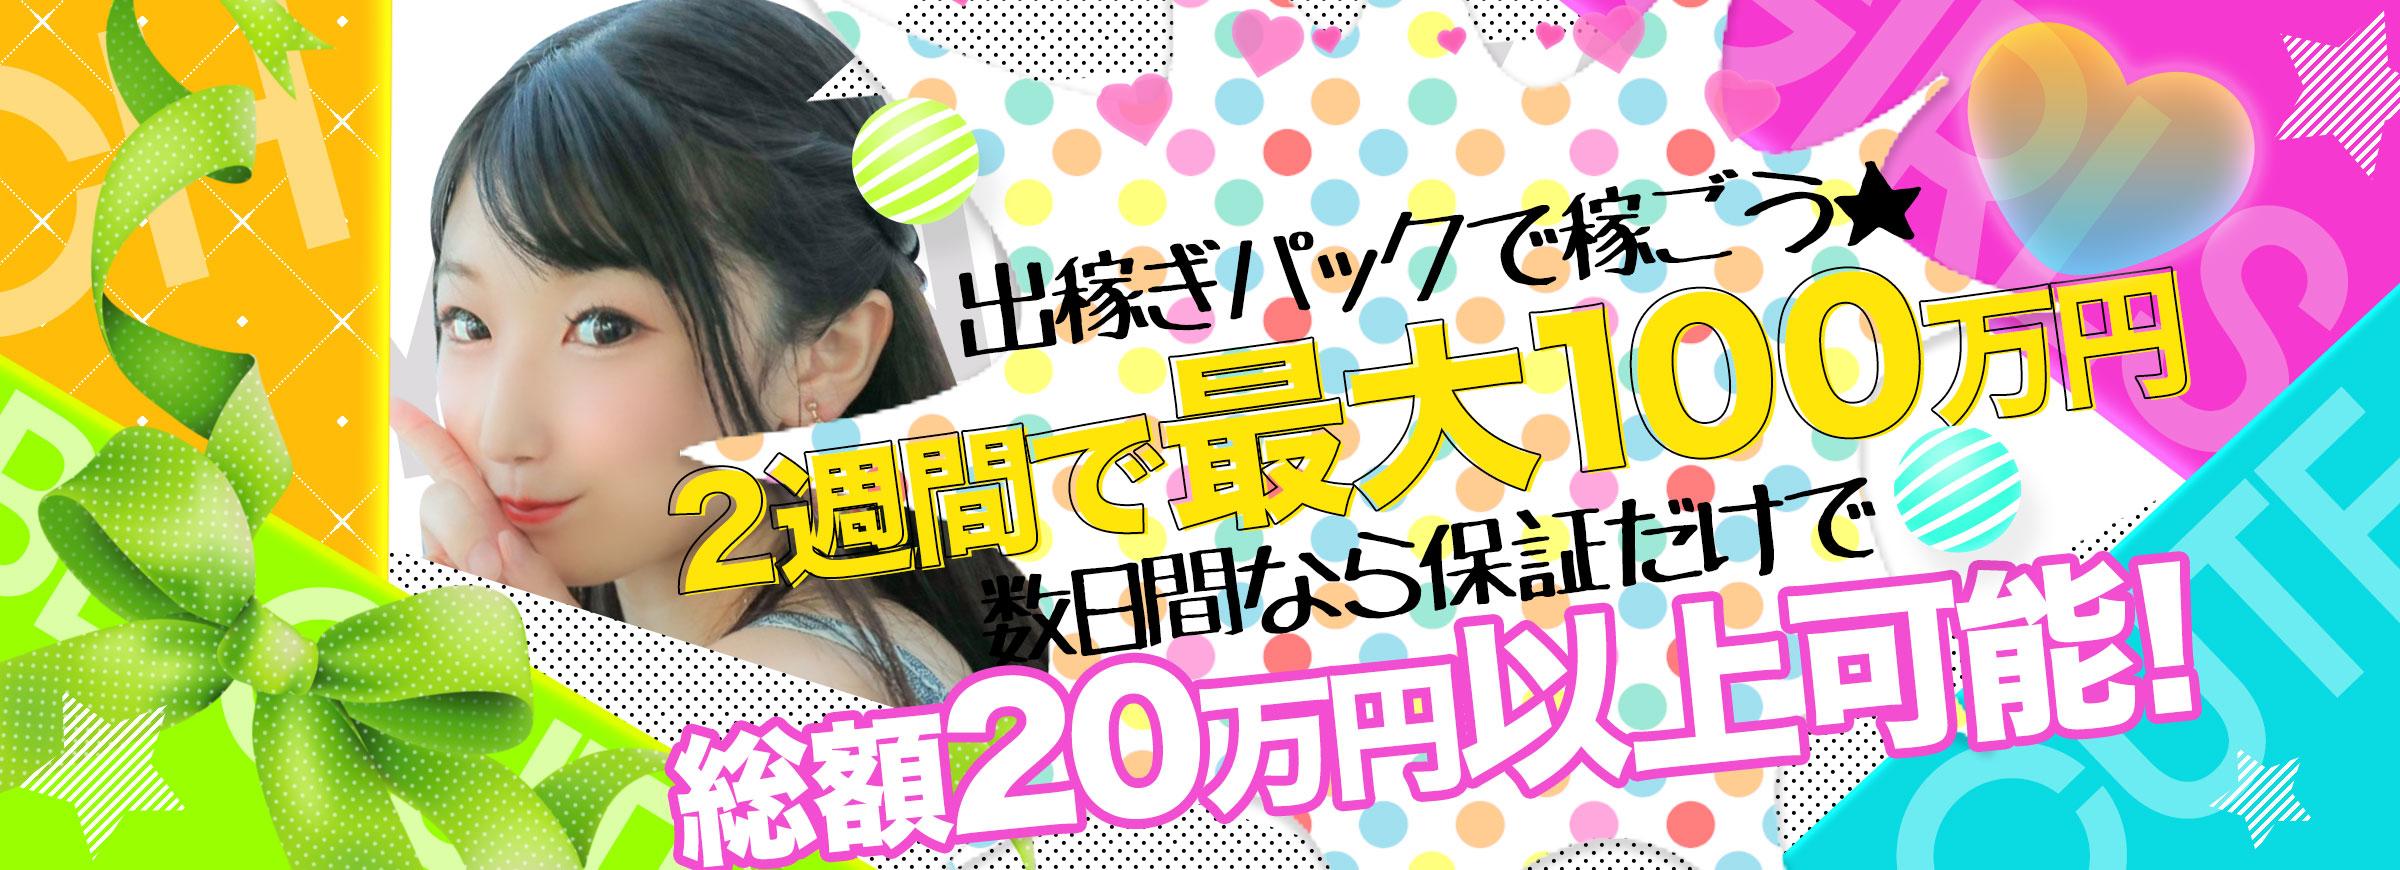 出稼ぎパックで稼ごう☆2週間で最大100万円!数日間なら保証だけで総額20万円以上可能!